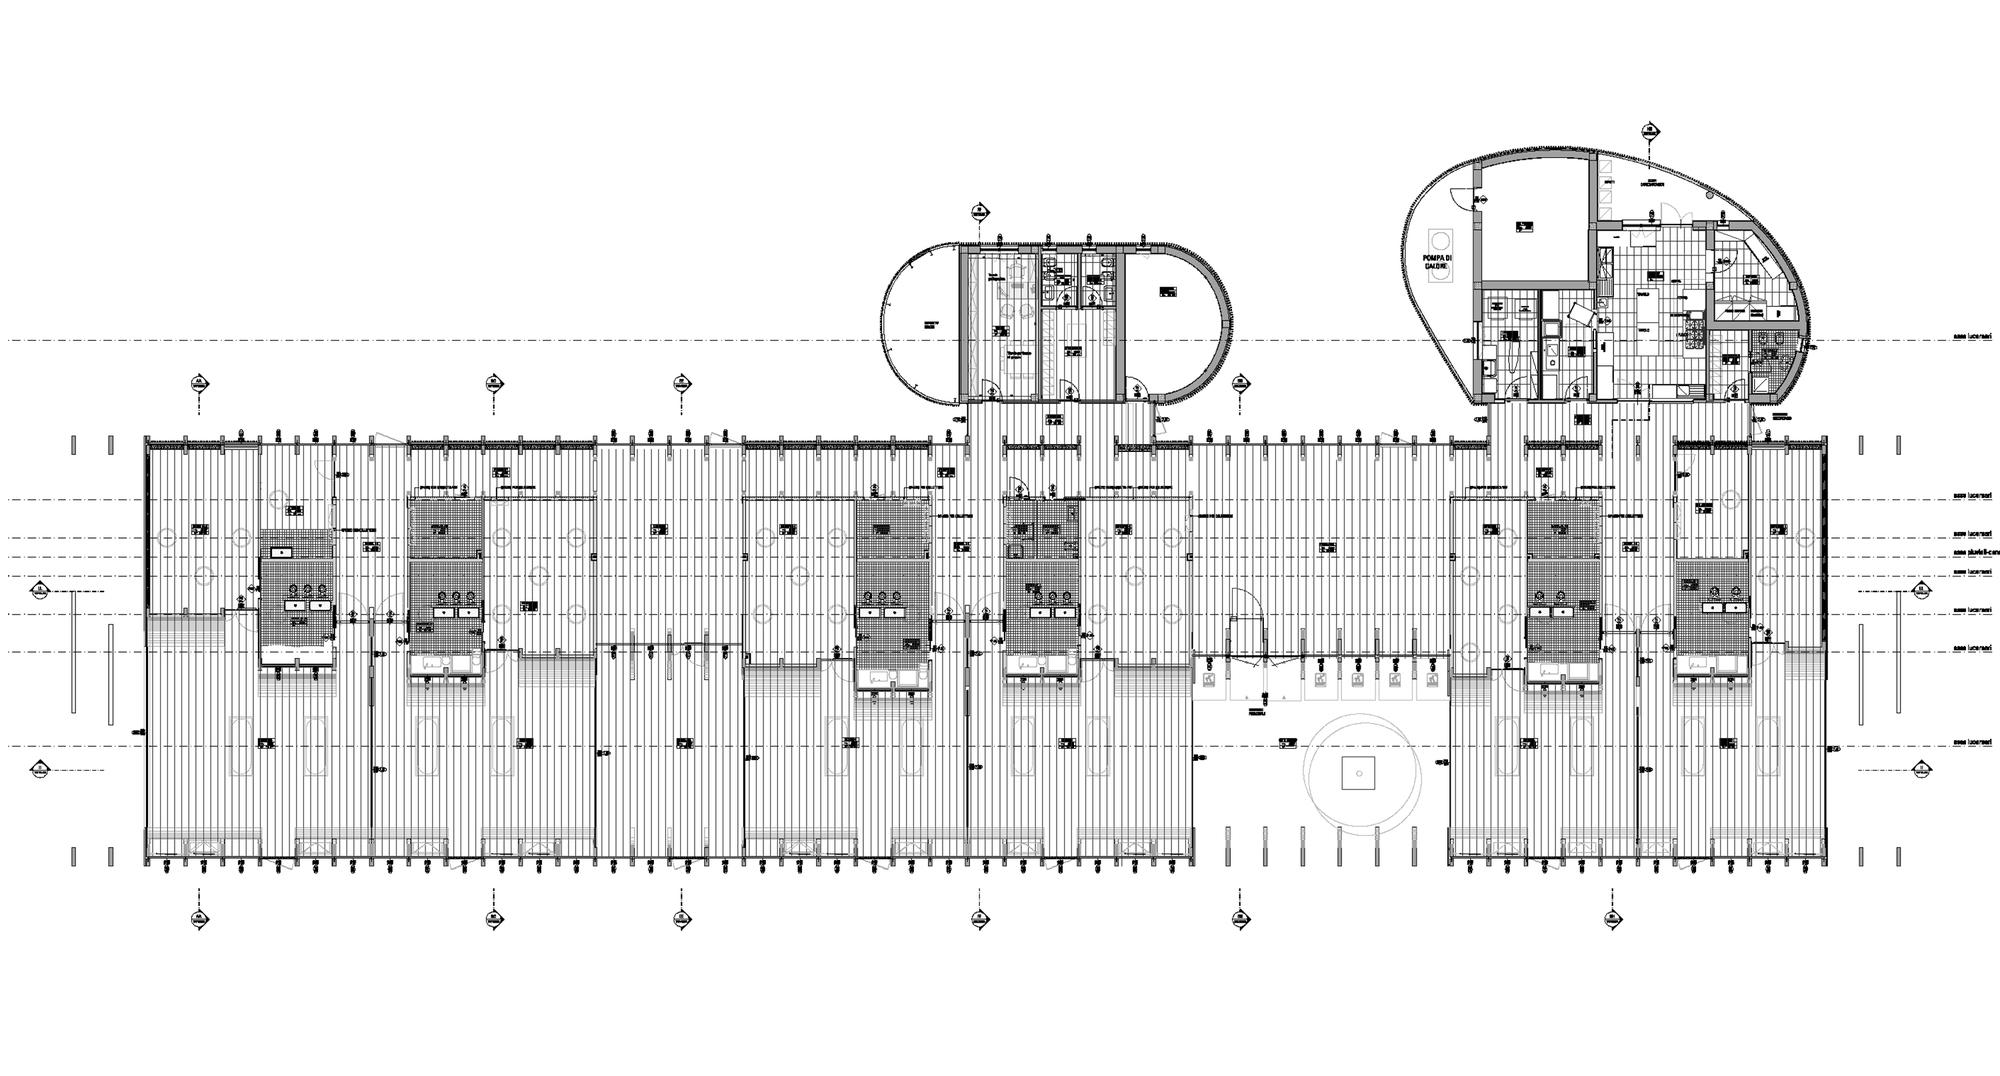 Desenhar Planta Baixa Gallery Of Kindergarten In Guastalla Mario Cucinella